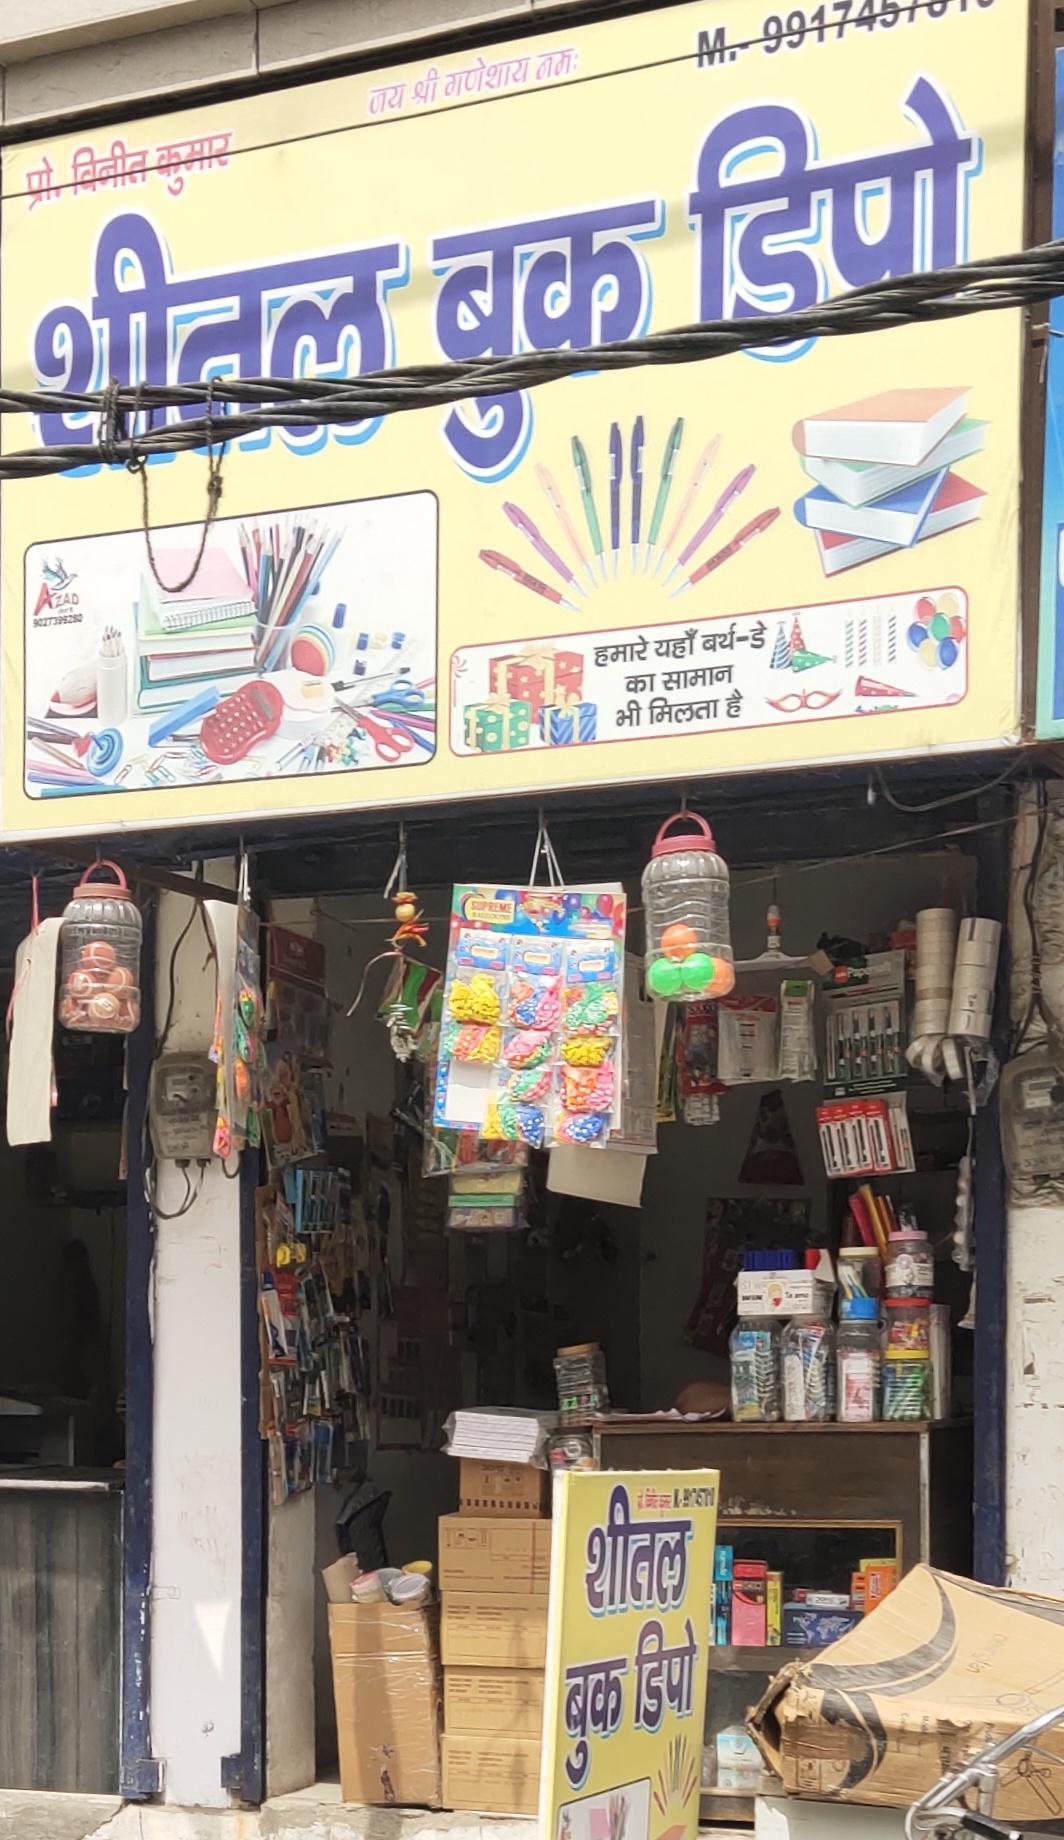 Sheetal Book Depot